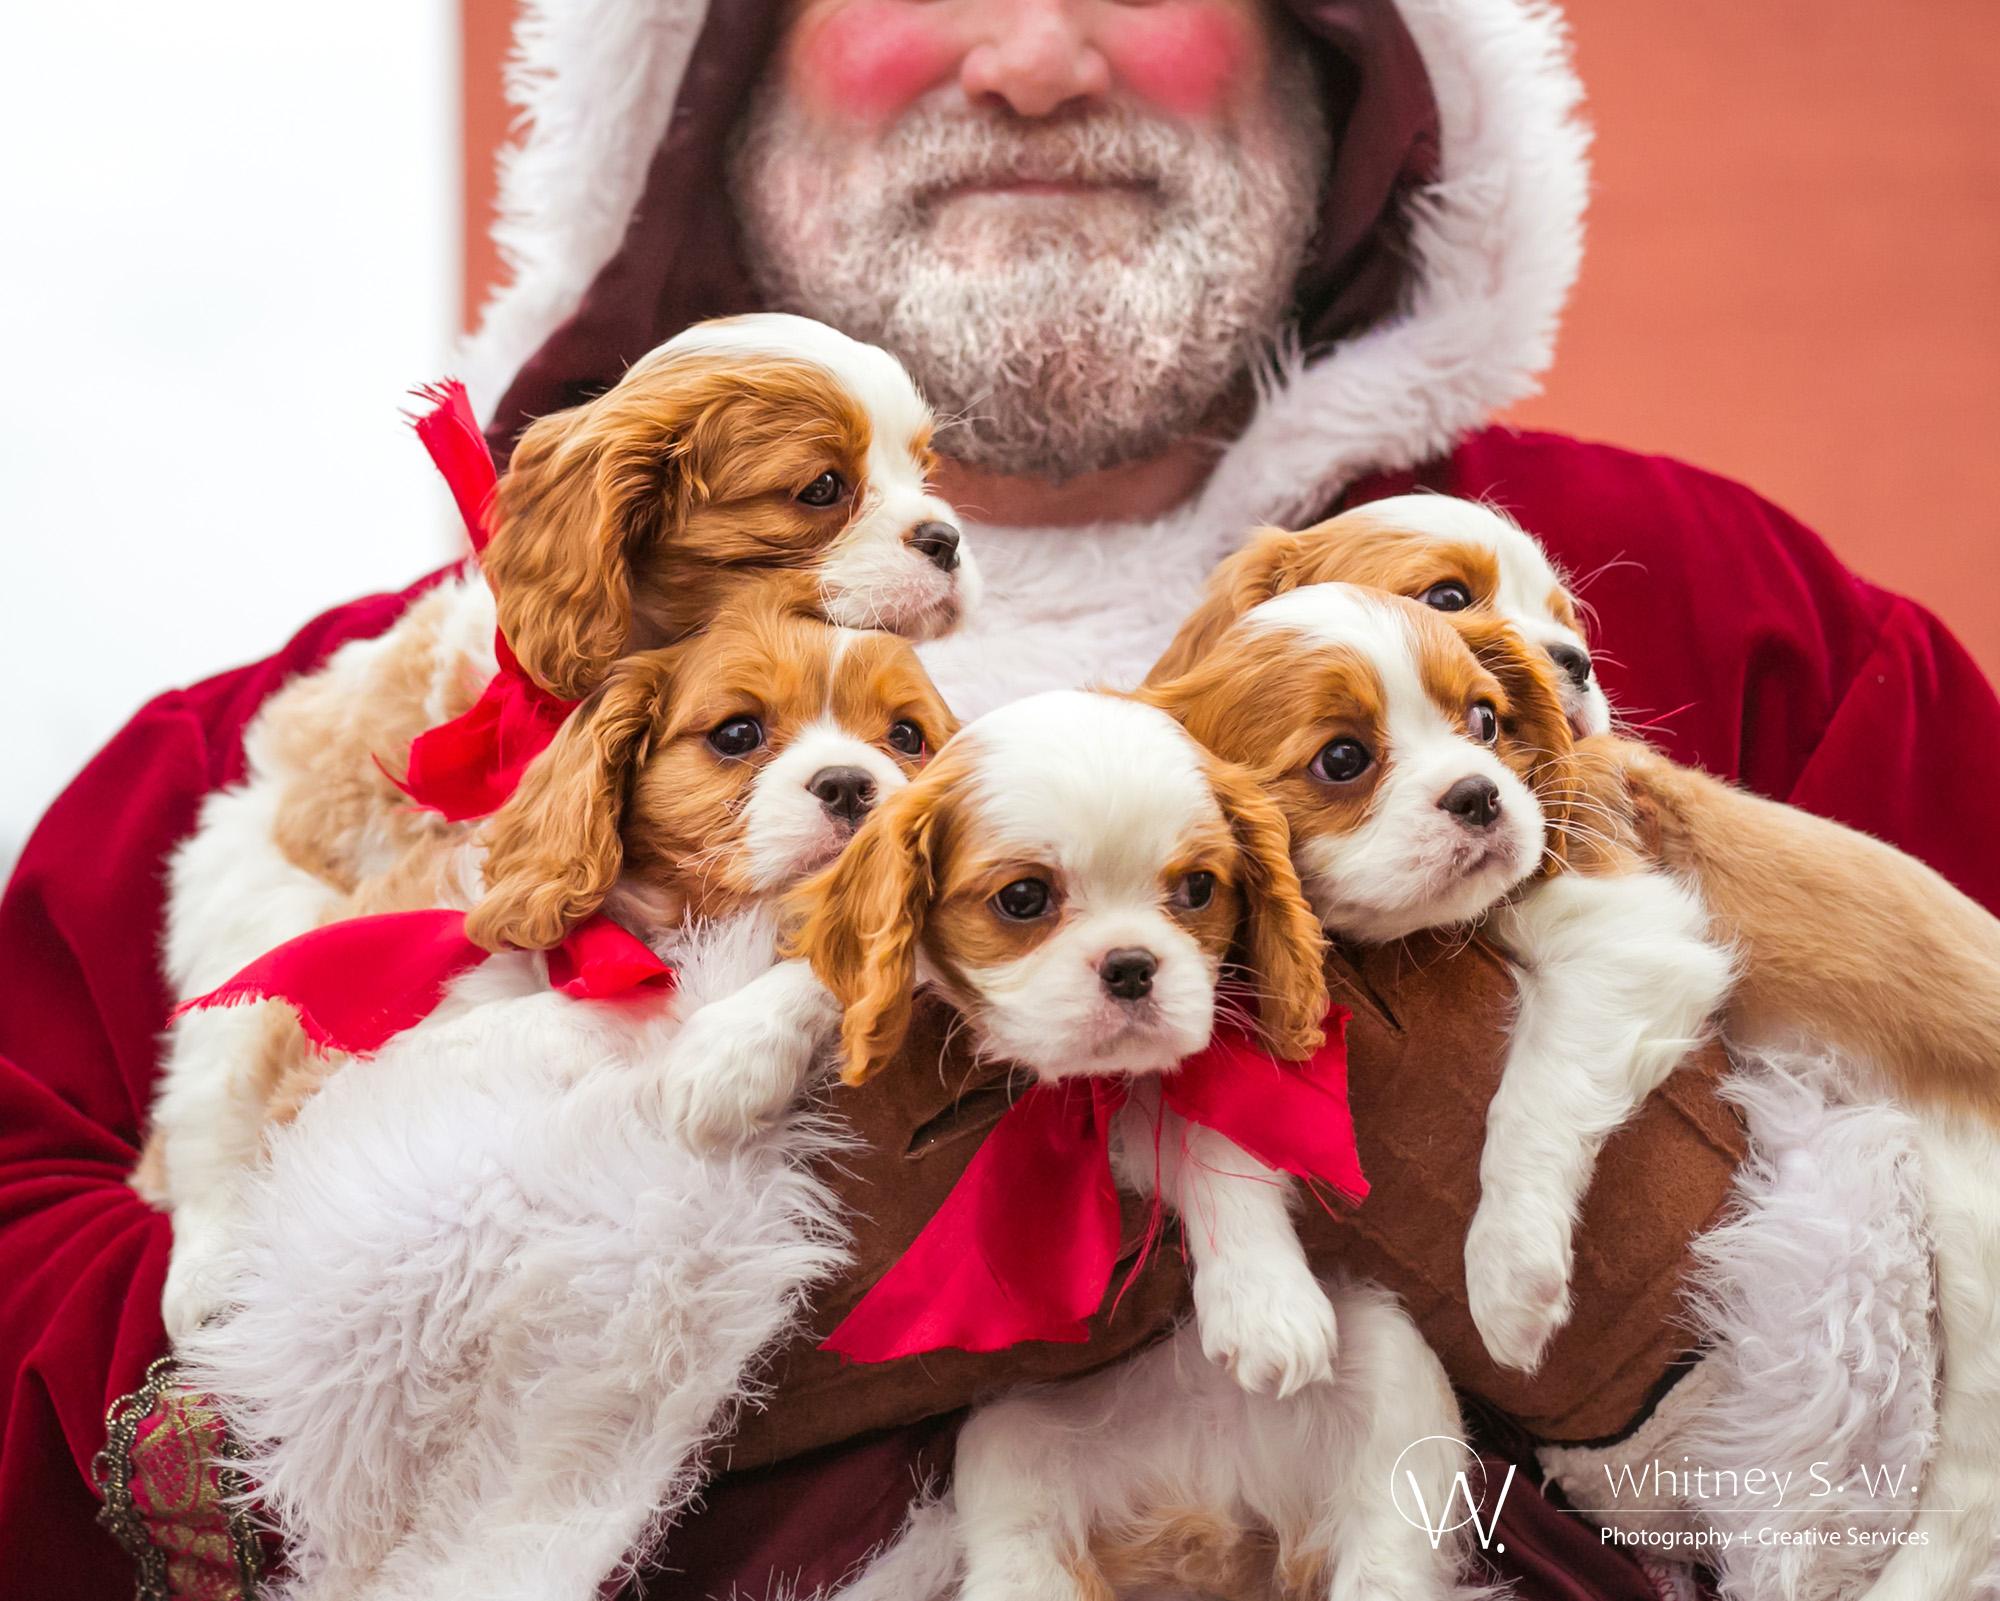 Santa with Dogs - Photo by Whitney S Williams - whitneysw.jpg